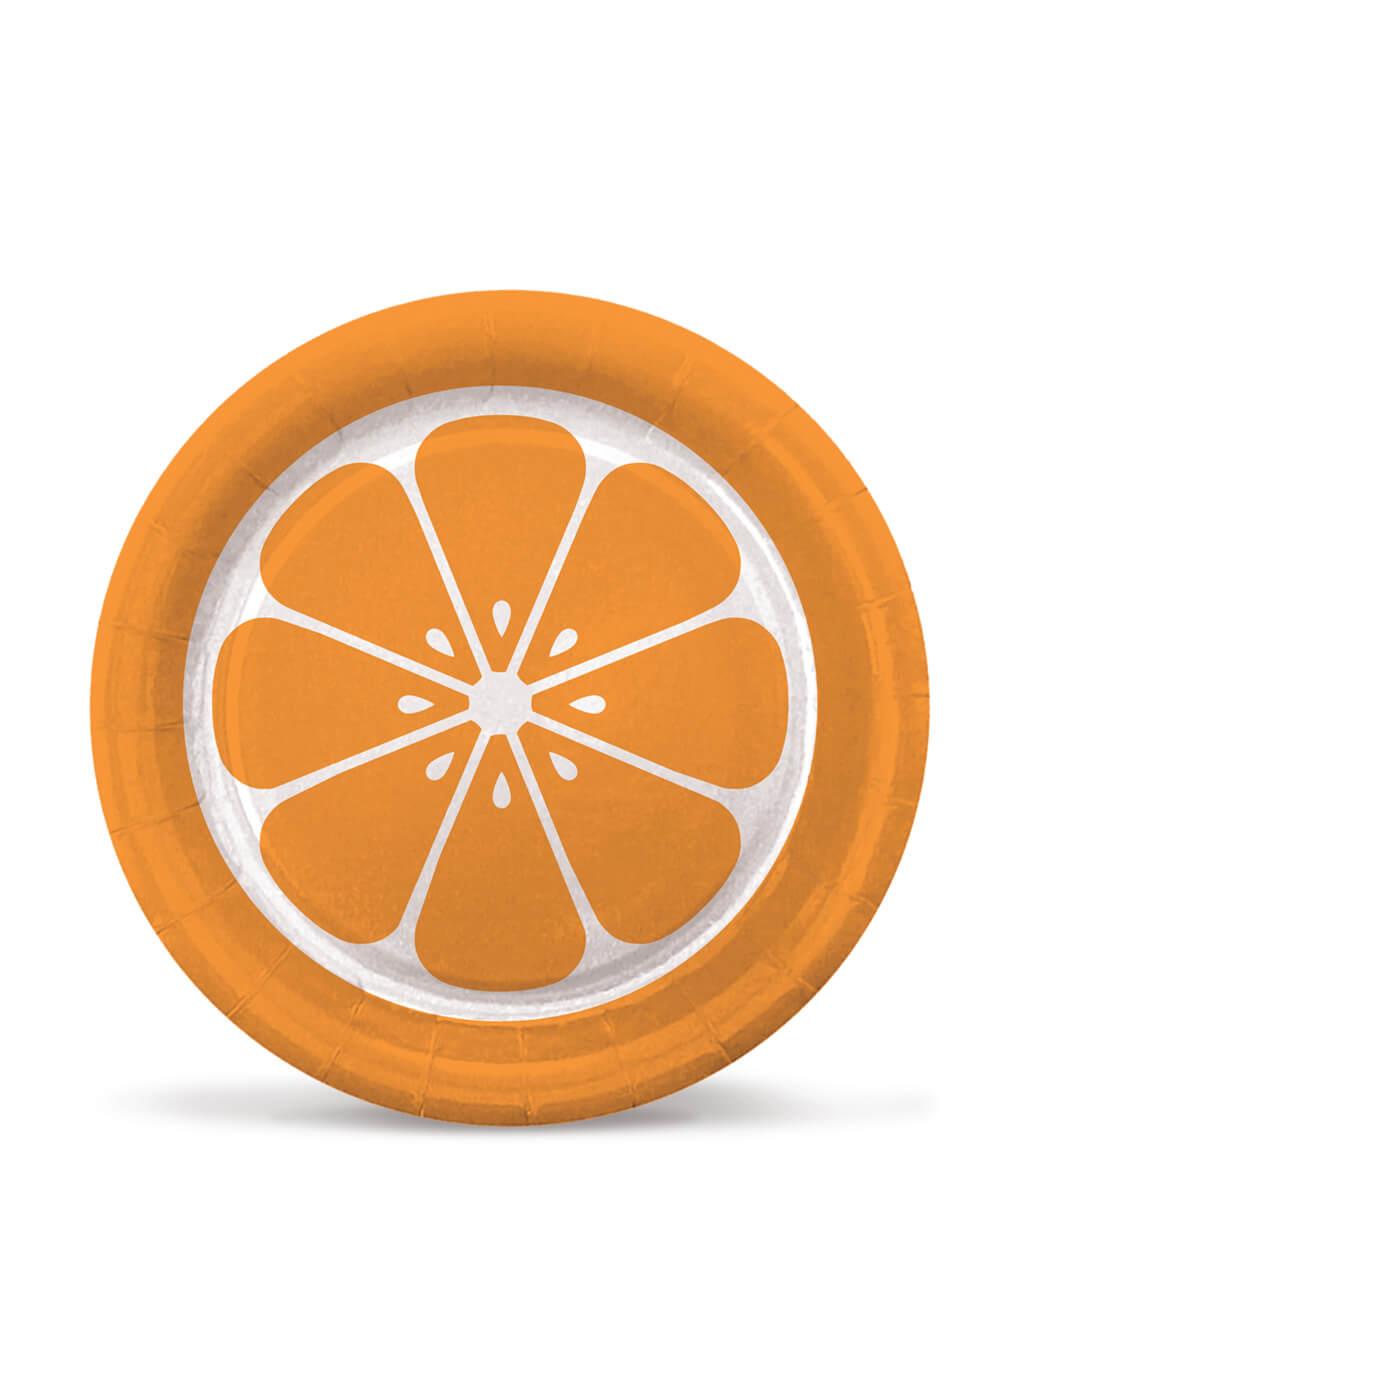 Imagen de producto: https://tienda.postreadiccion.com/img/articulos/secundarias12985-8-platos-surtidos-de-fruta-3.jpg